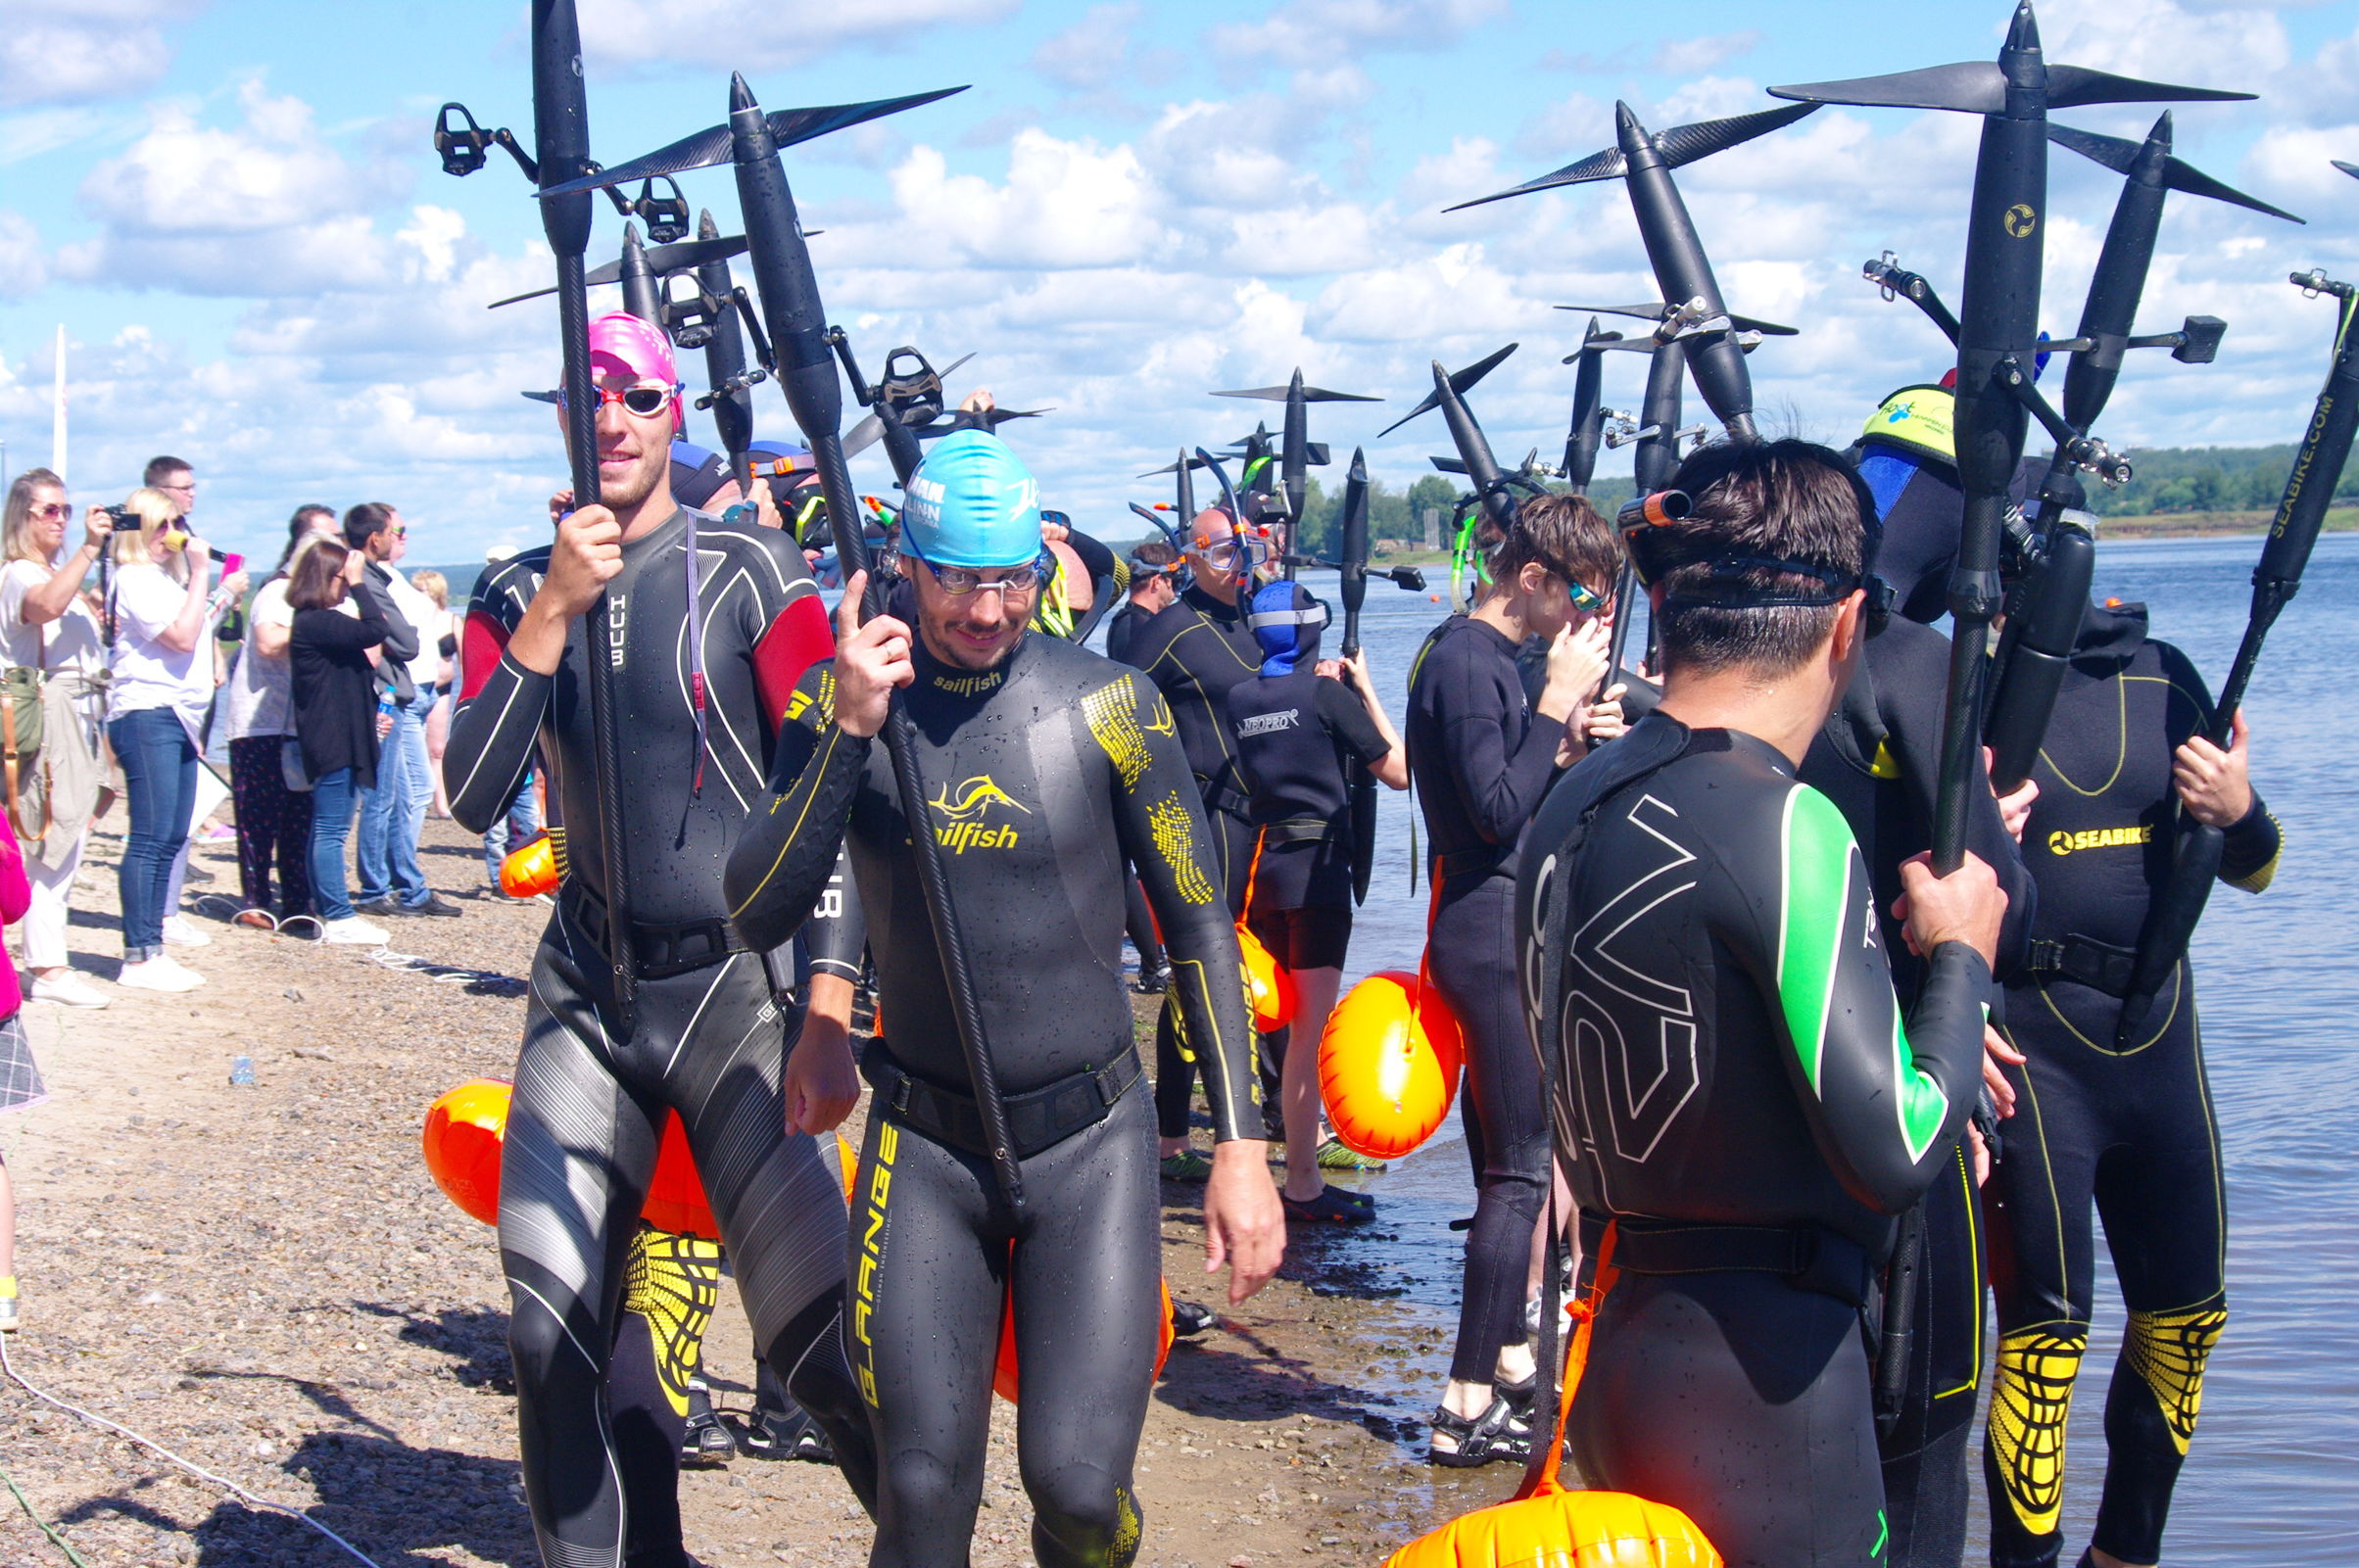 Ла-Манш – будет наш! Ярославские спортсмены планируют переплыть пролив за рекордное время